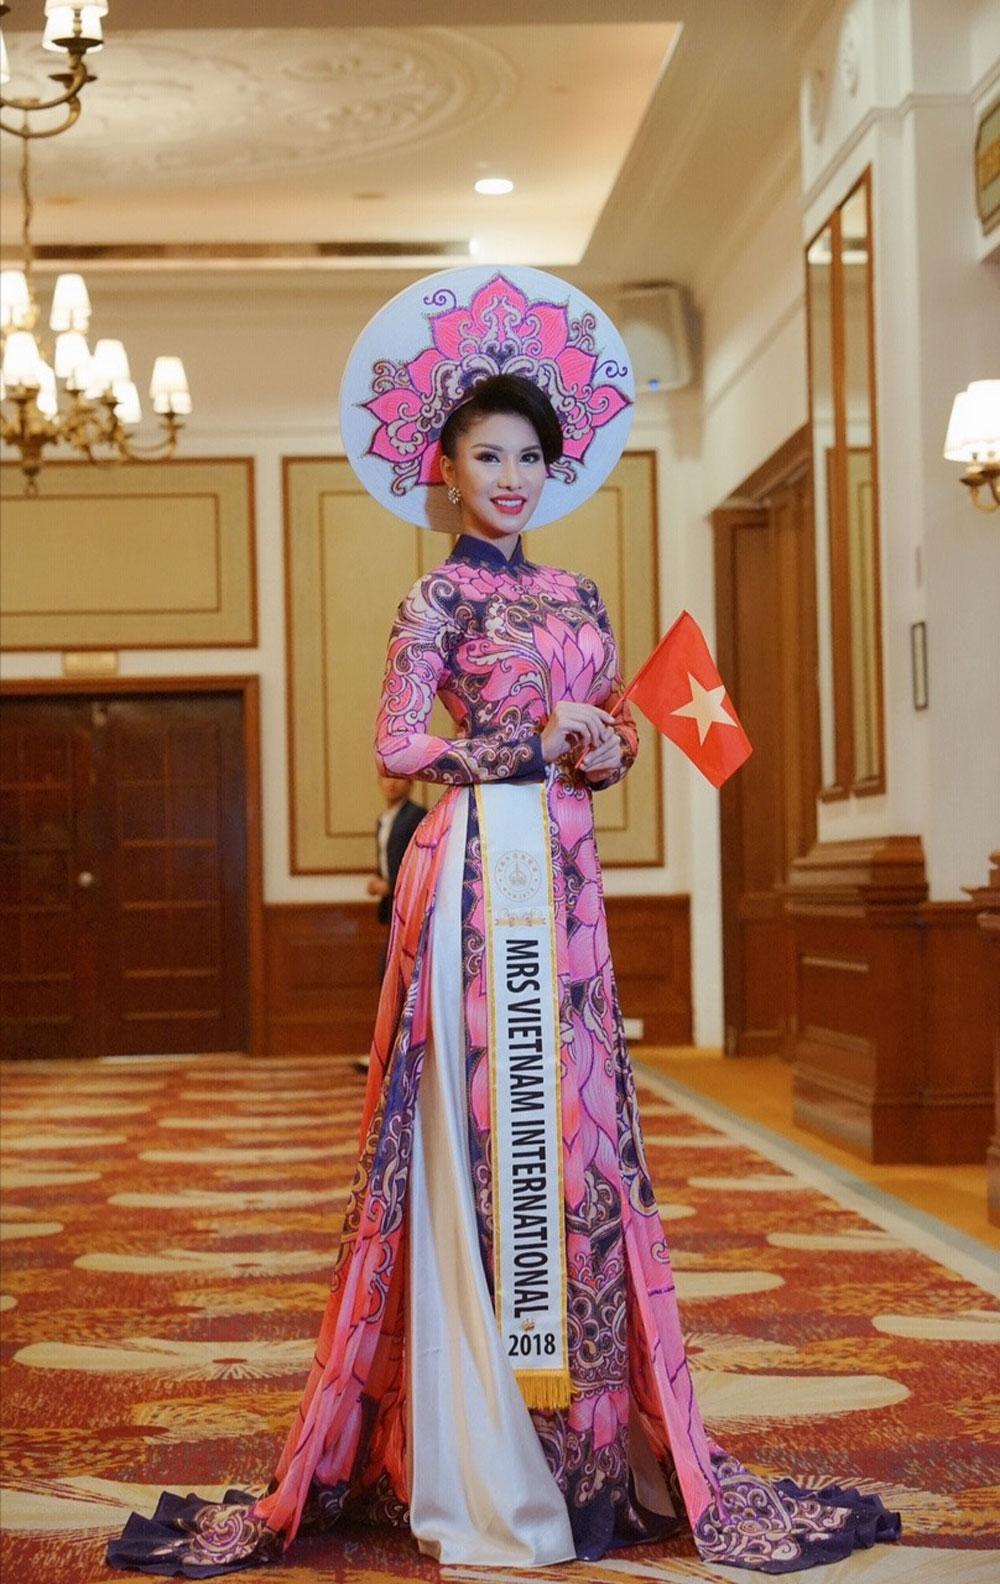 Tiếp viên, Vietnam Airlines, đăng quang, Hoa hậu quý bà Quốc tế 2018